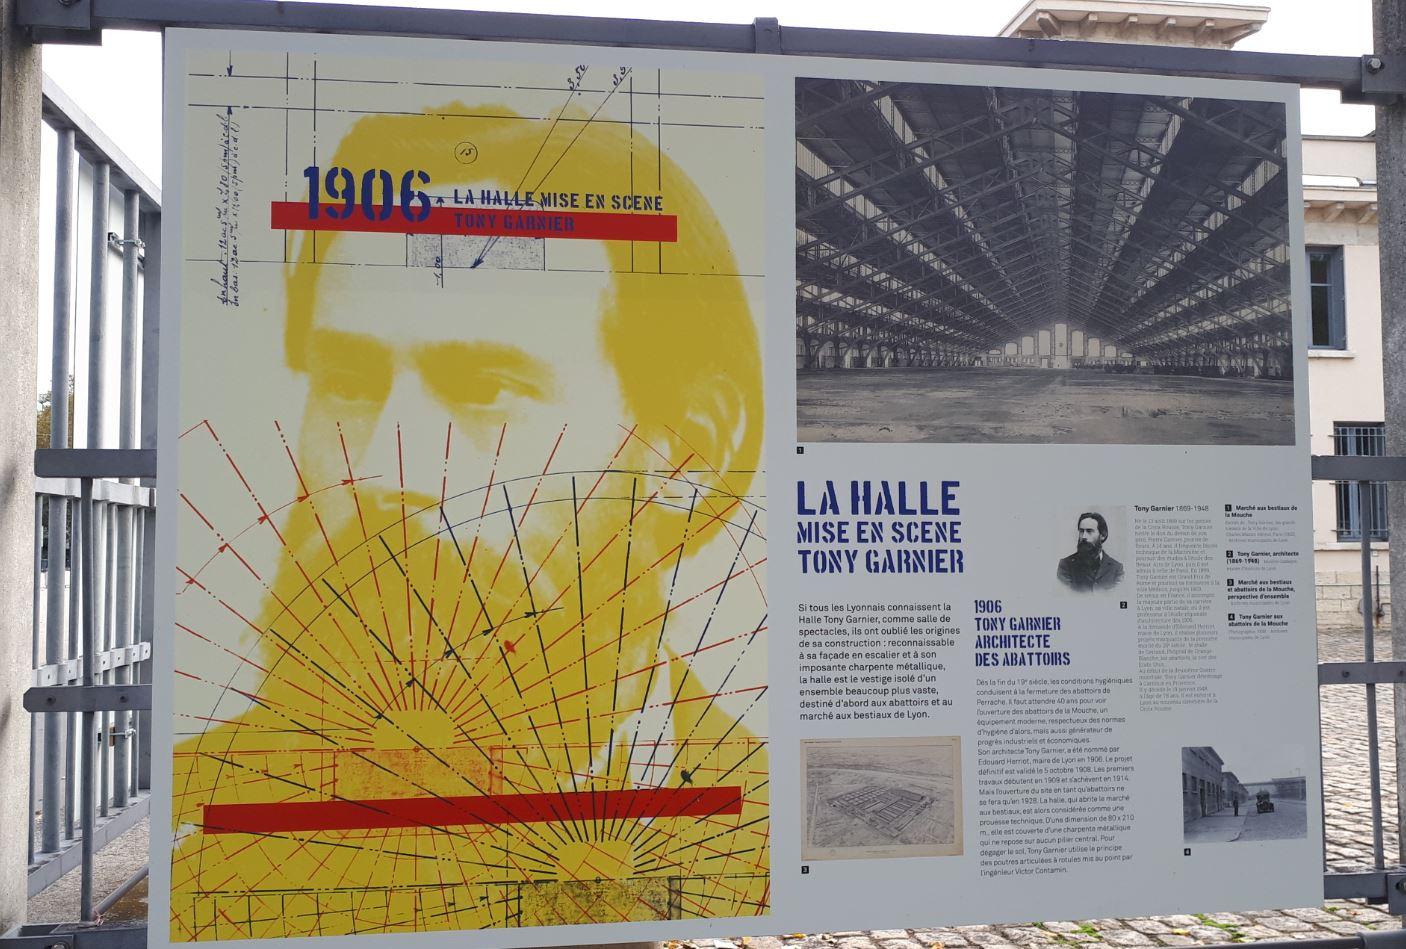 Histoire de la Halle Tony Garnier, les origines